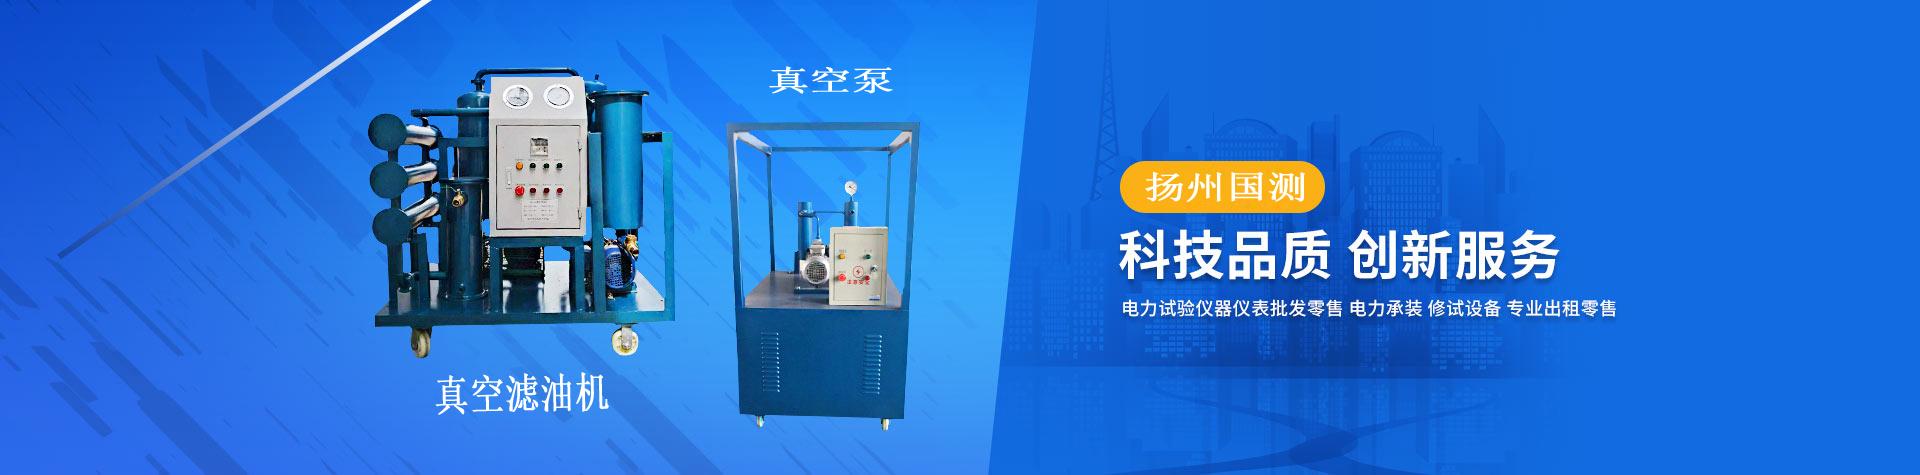 扬州国测电气有限公司